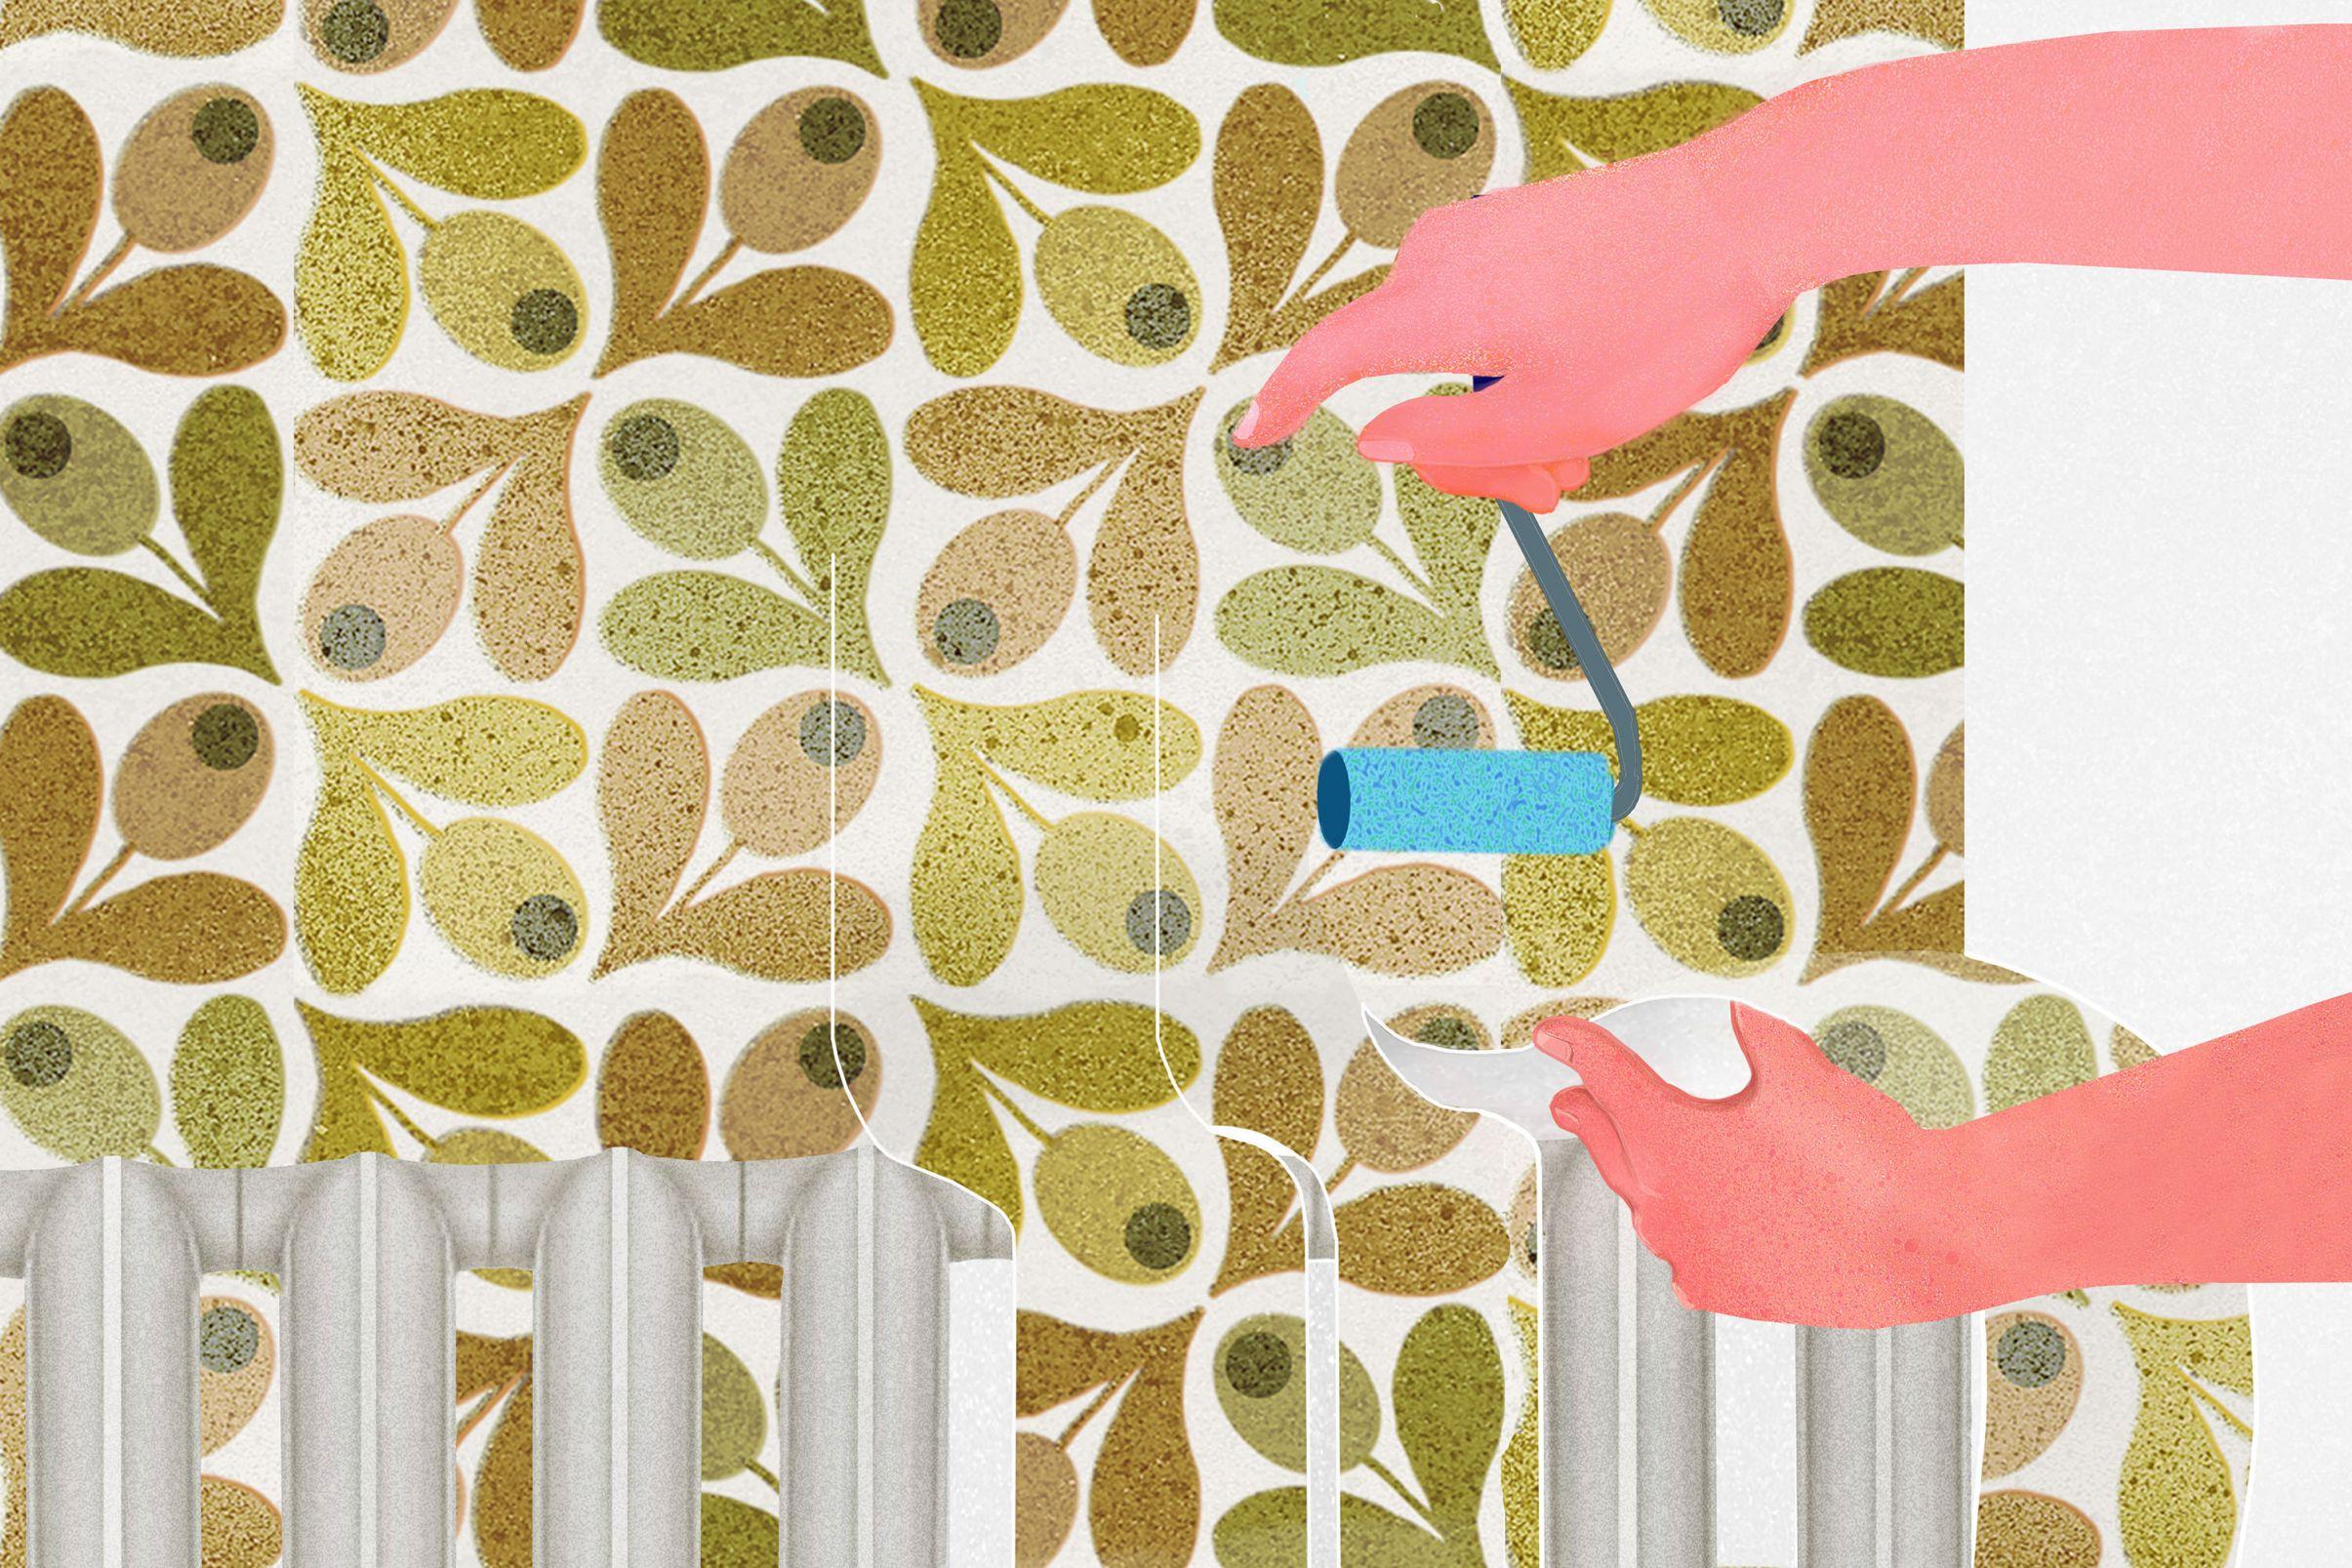 Como-colocar-papel-de-parede-atras-de-aquecedores-Corte-faixas-individuais-e-aplique-na-parede-por-detras-do-aquecedor